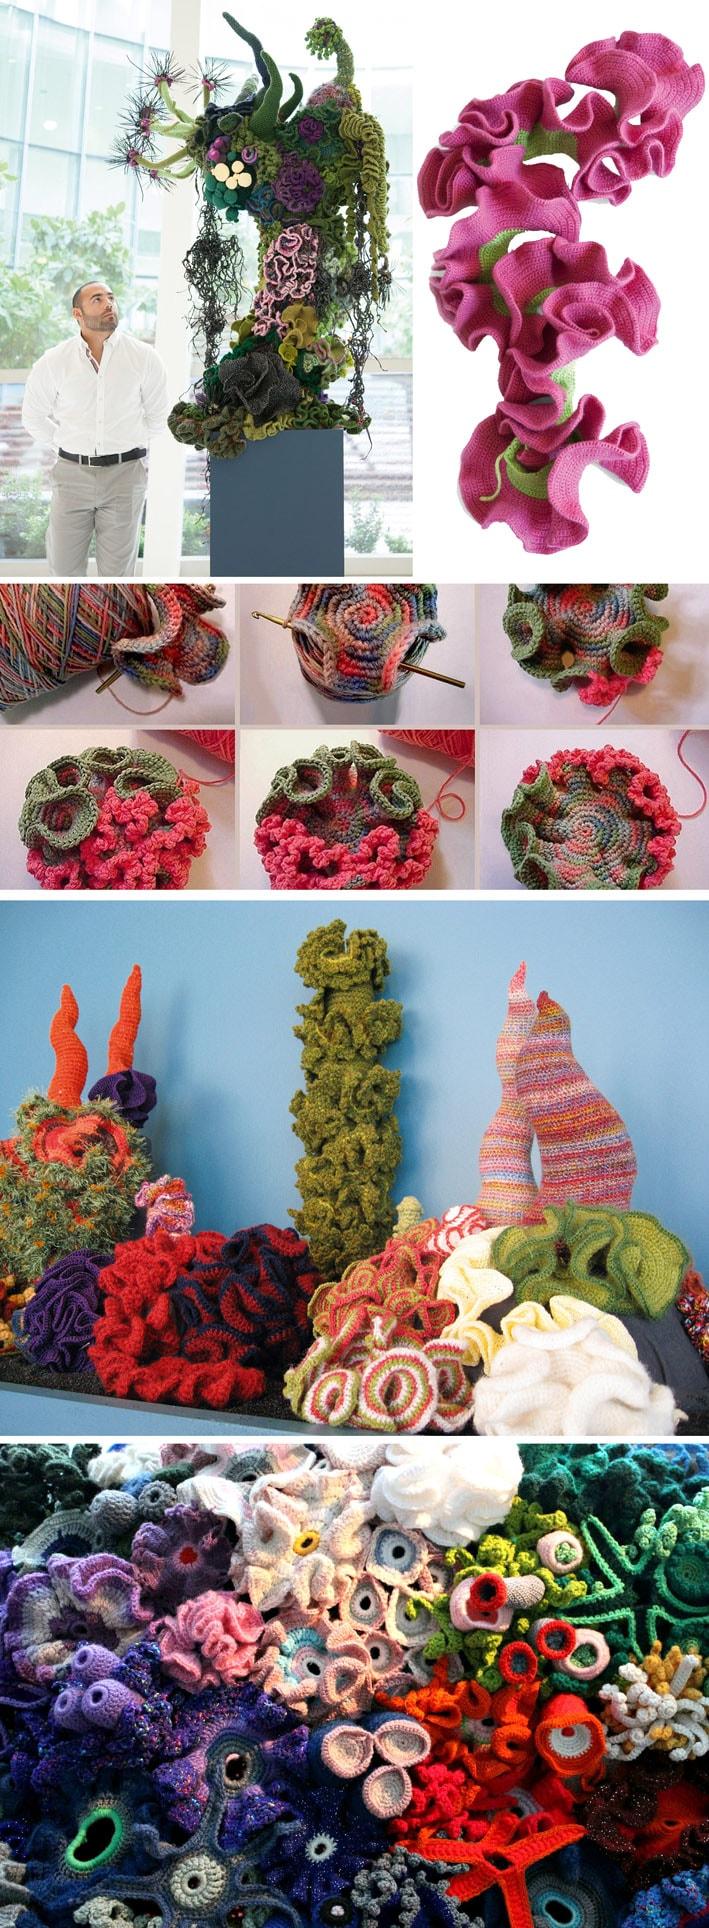 Conheça omaior projeto de arte comunitária do mundo que une matemática, biologia marinha e crochê stylo urbano-3